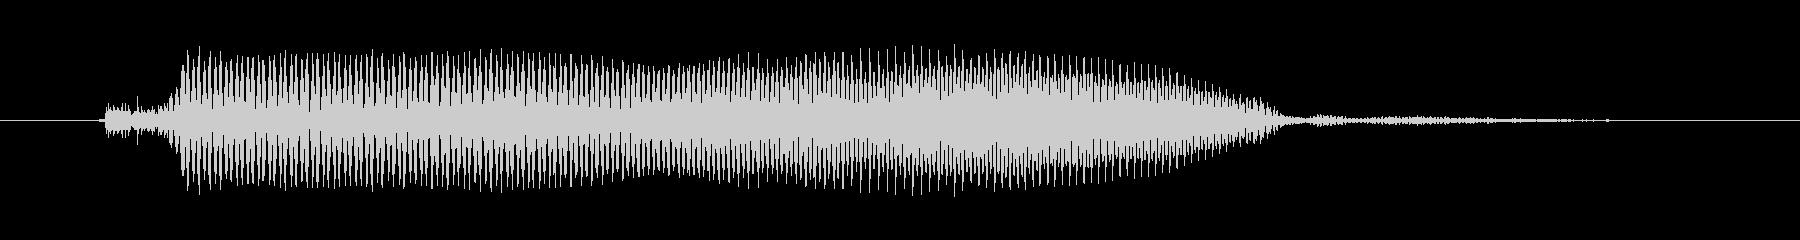 リトルレッドモンスター:Dの未再生の波形